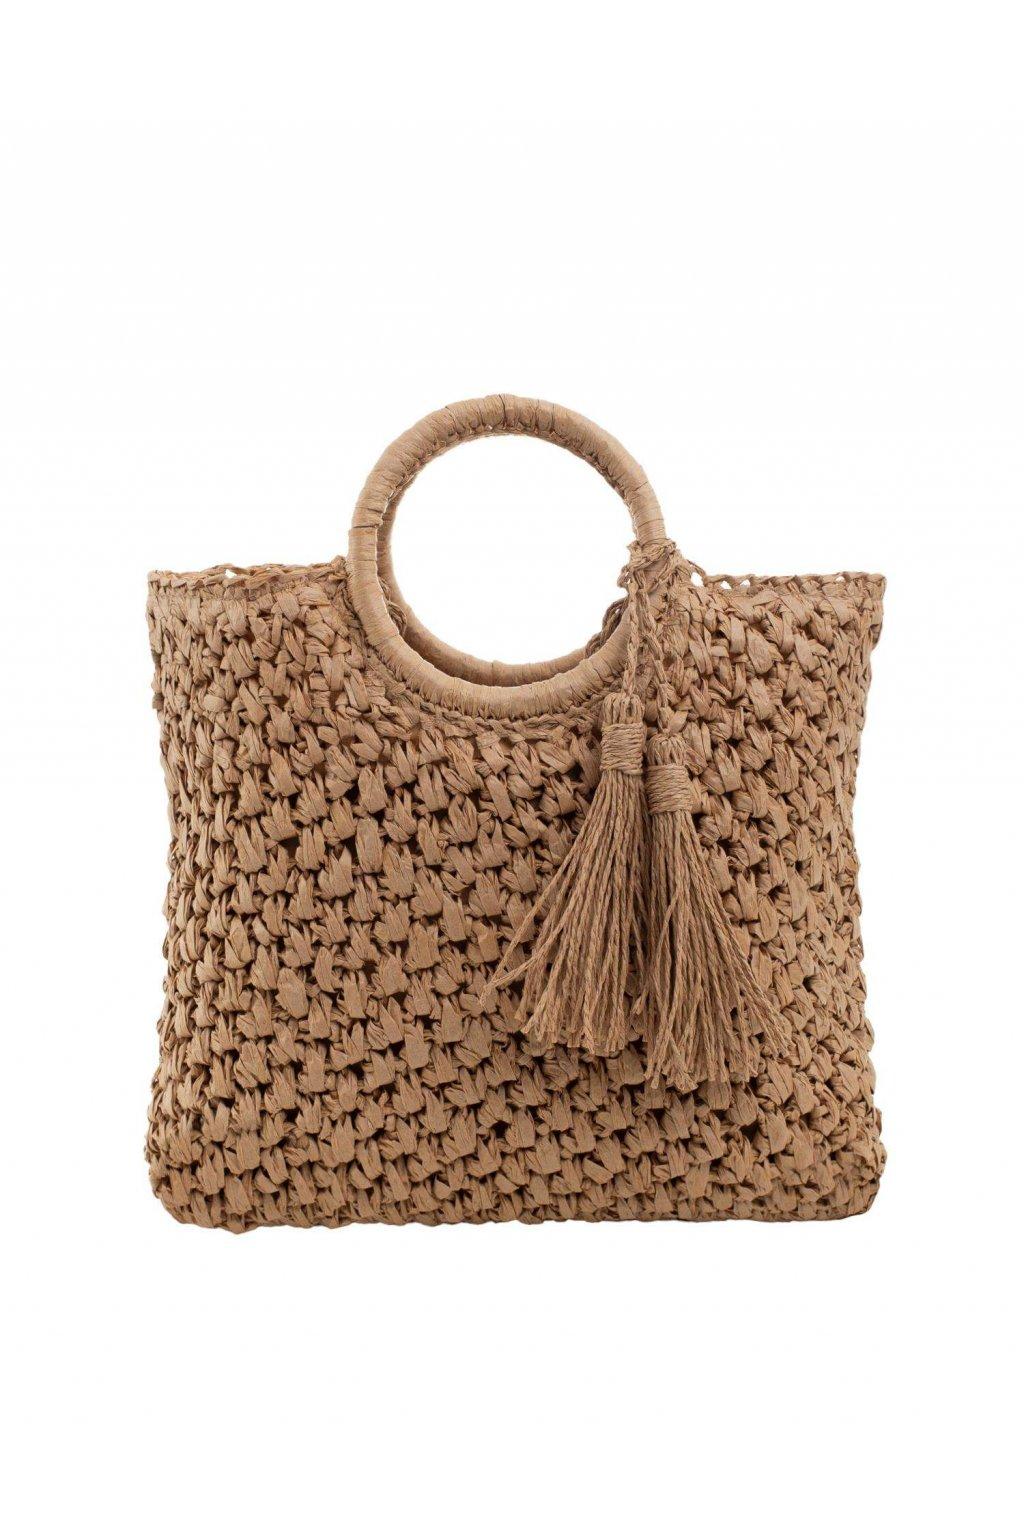 Plážová kabelka tmavo-béžová kód YP-TR-ax4283.26